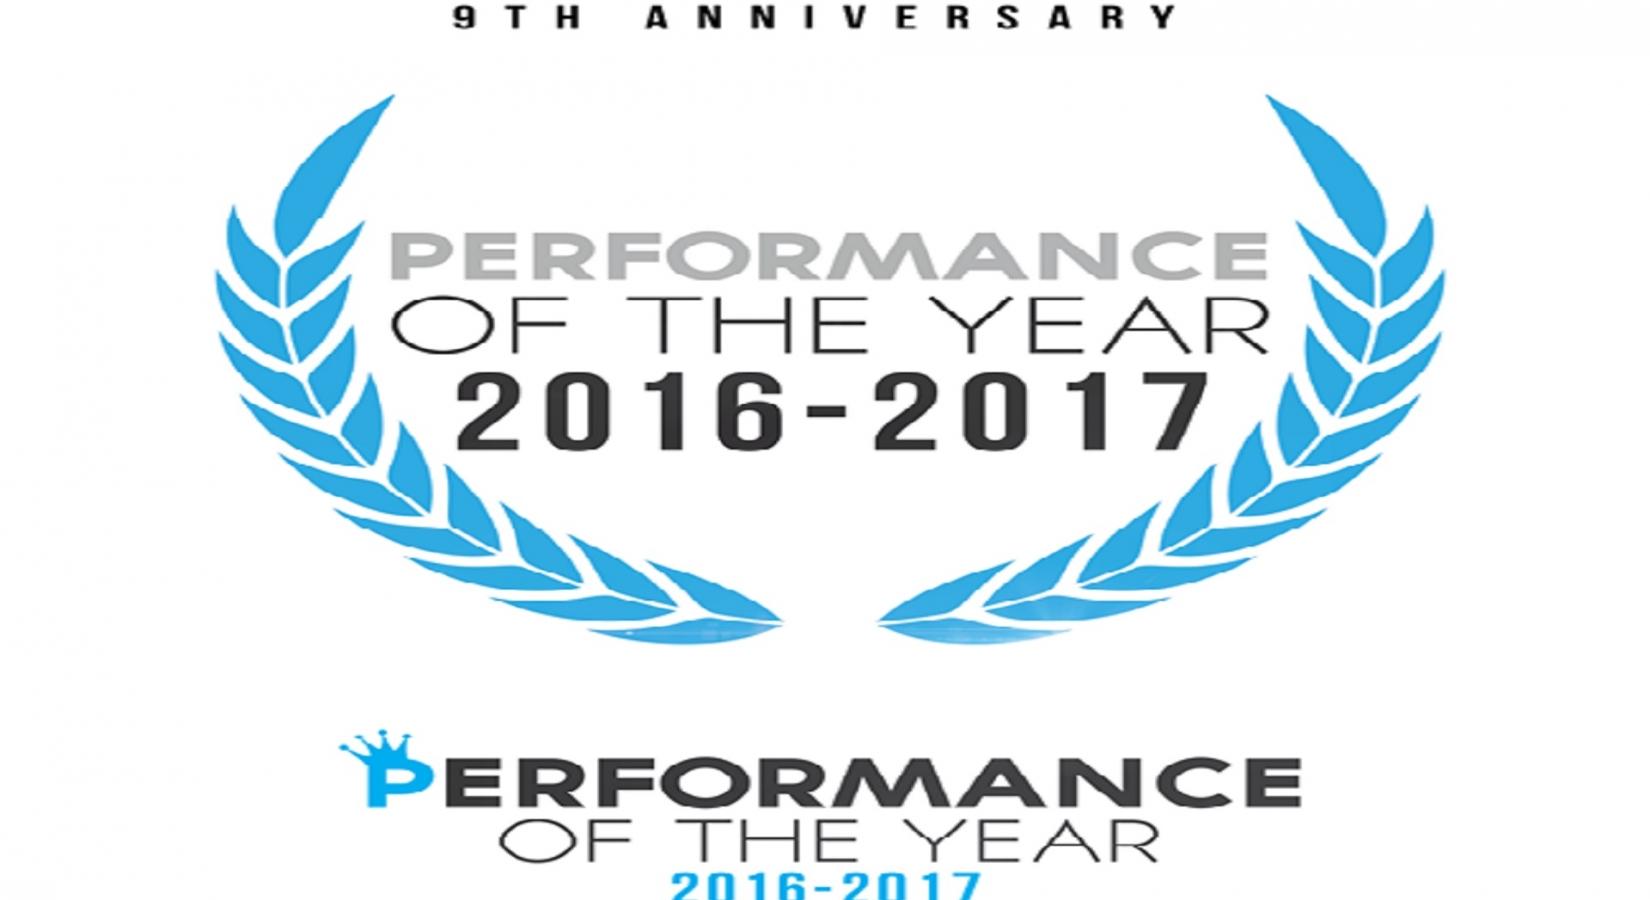 9주년을 맞이하는 PERFORMANCE OF THE YEAR